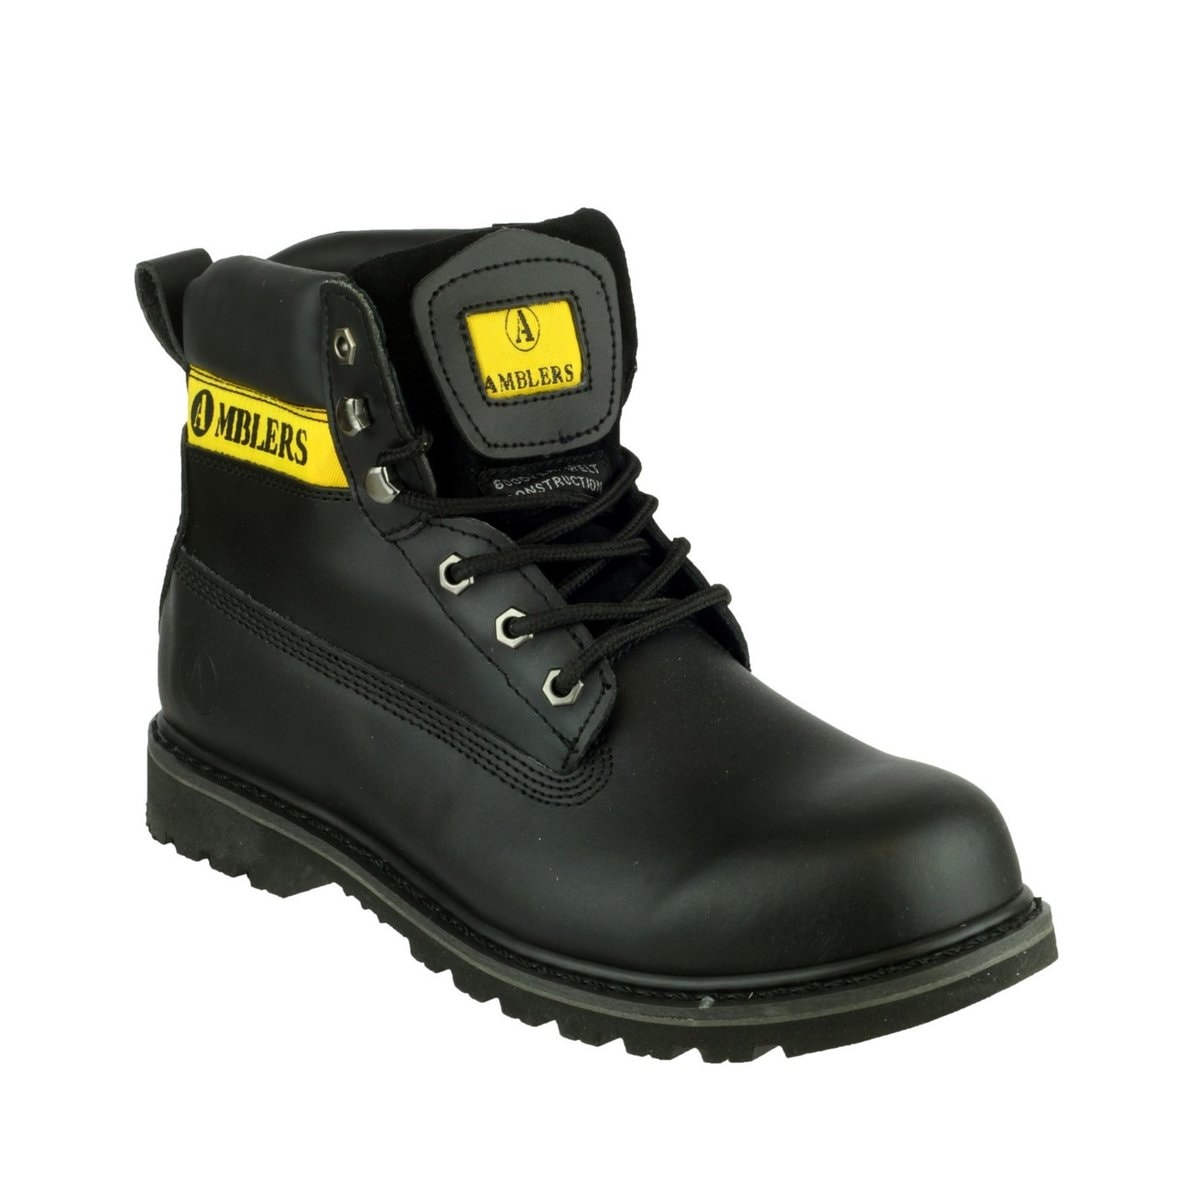 Image of Amblers Safety Stiefel »Banbury Herren Schuhe /, halbhoch«